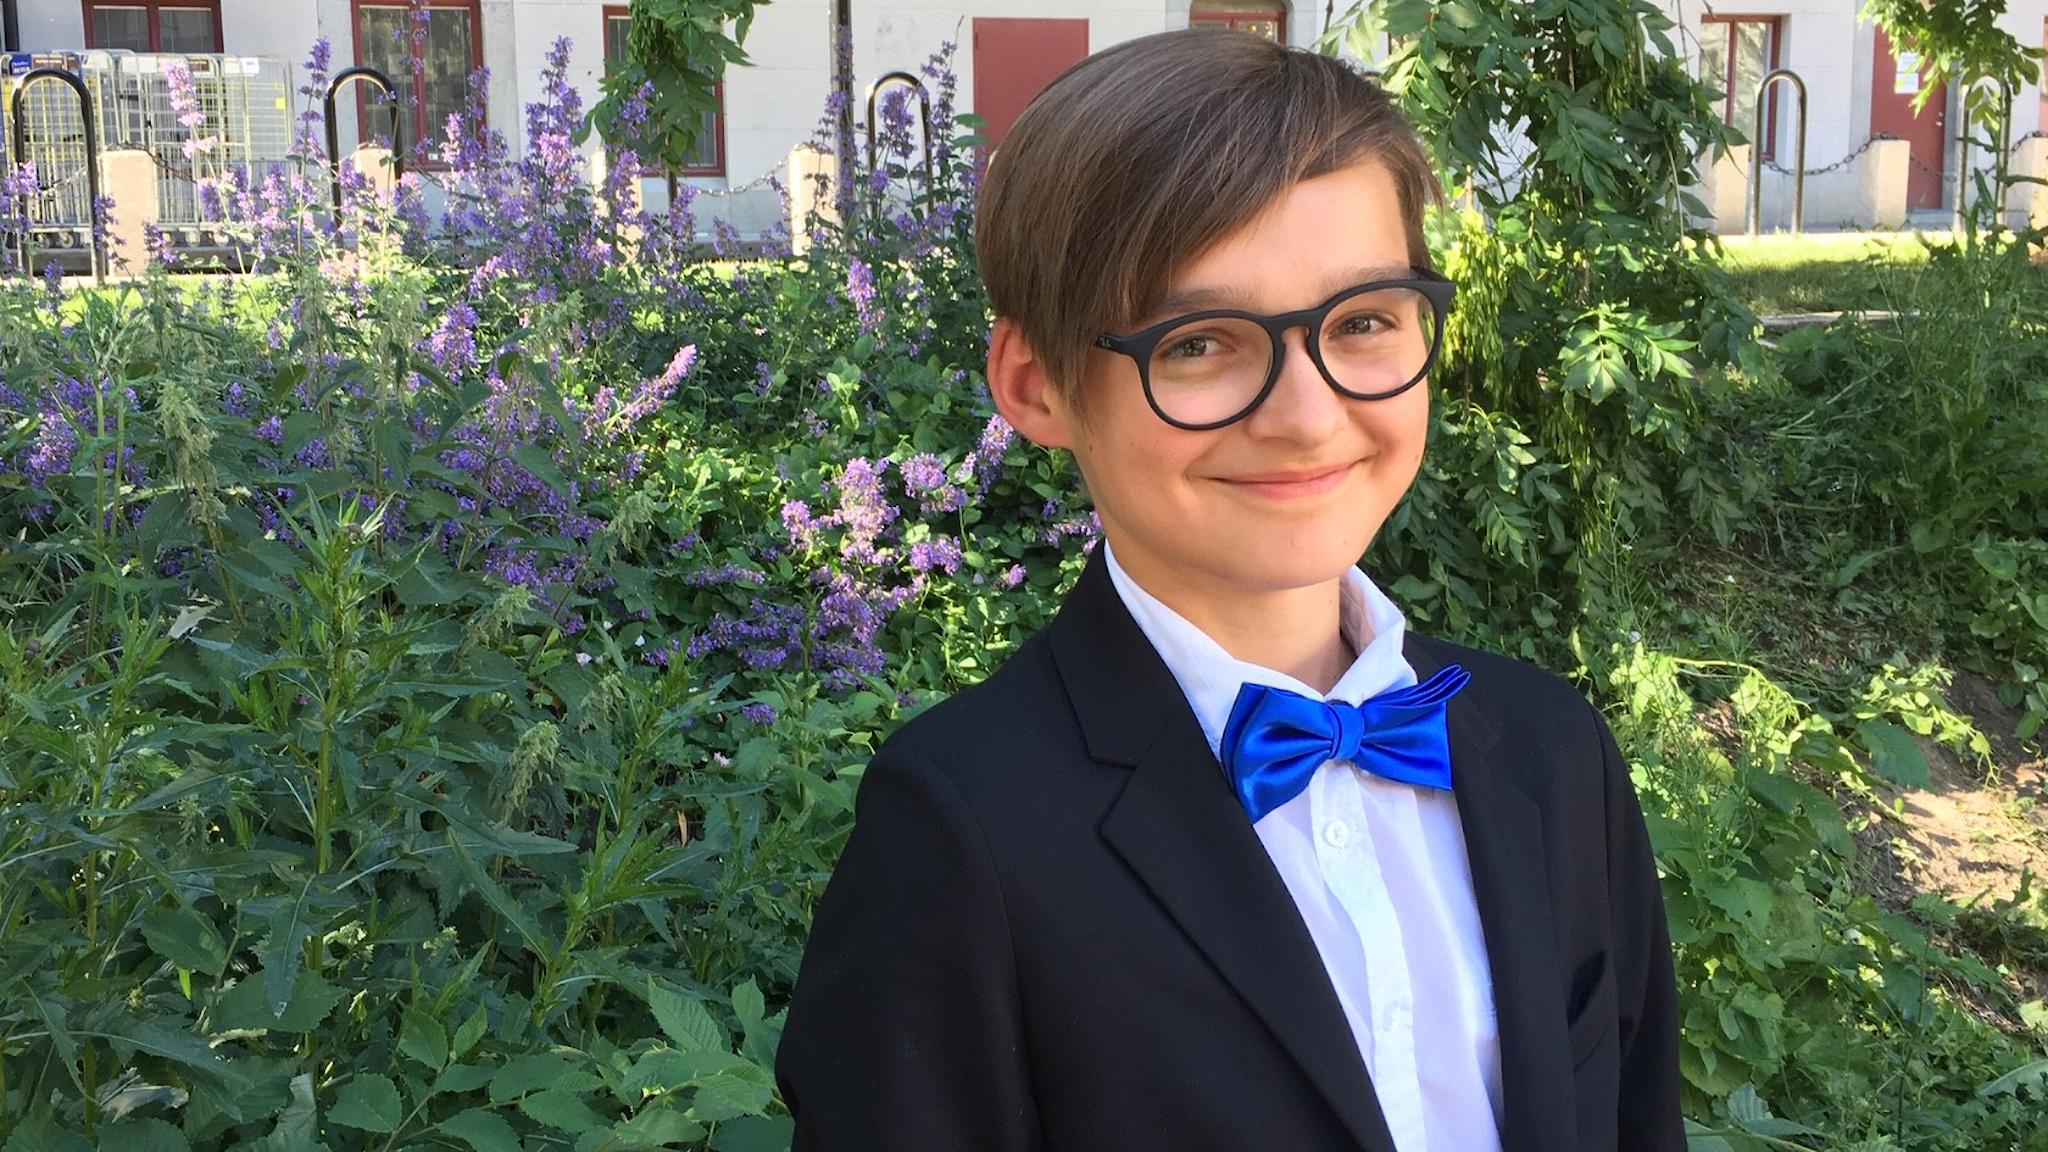 13-årige Axel Gryspeert som i denna P2 Dokumentär berättar om livet på Adolf Fredrik. Foto: Joanna Górecka.